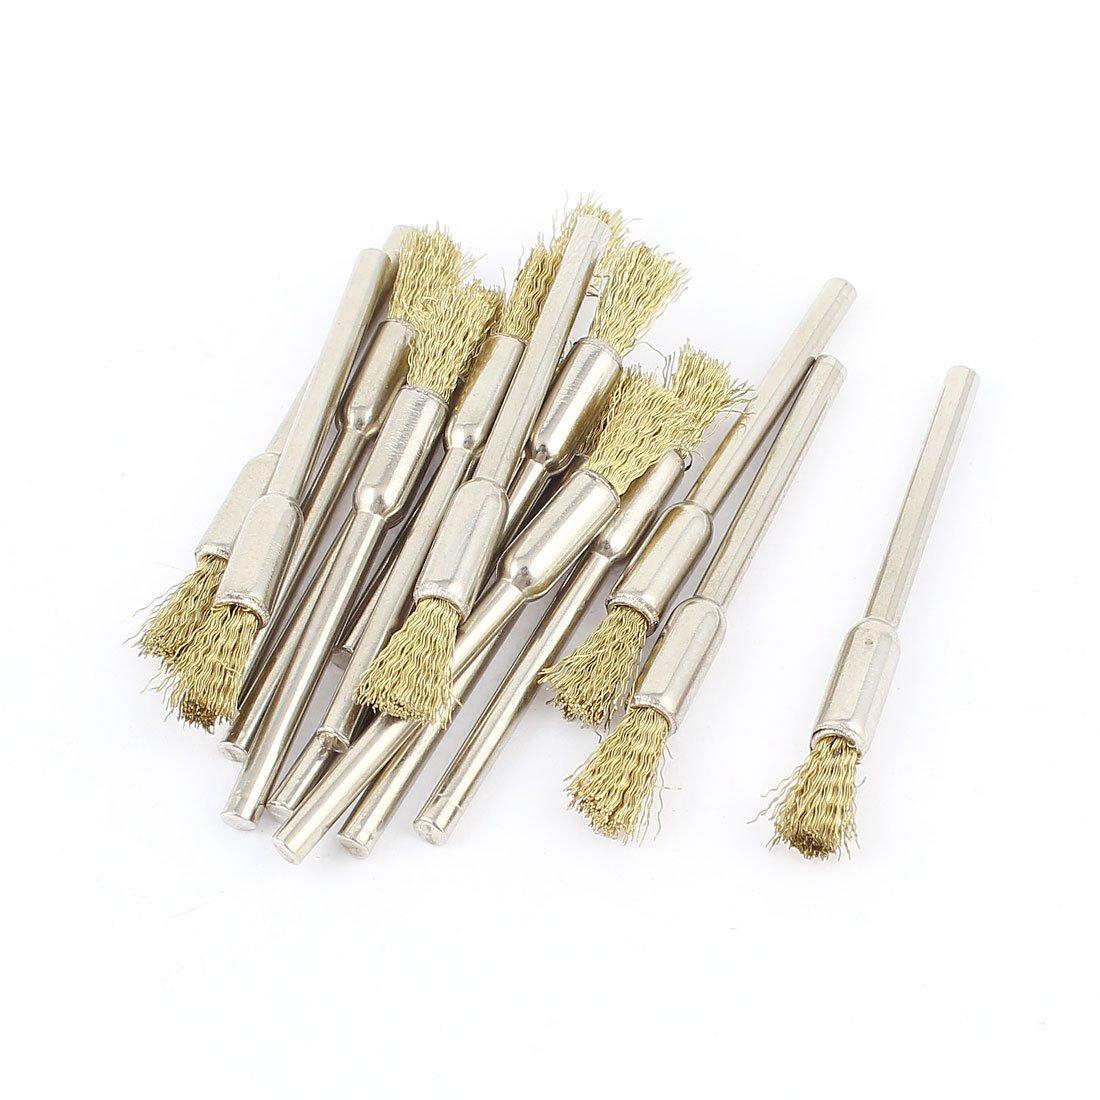 3 mm redondo filo tono de oro con forma de lá piz herramientas Cepillos de alambre pulido 16 piezas Sourcingmap a14110600ux0720